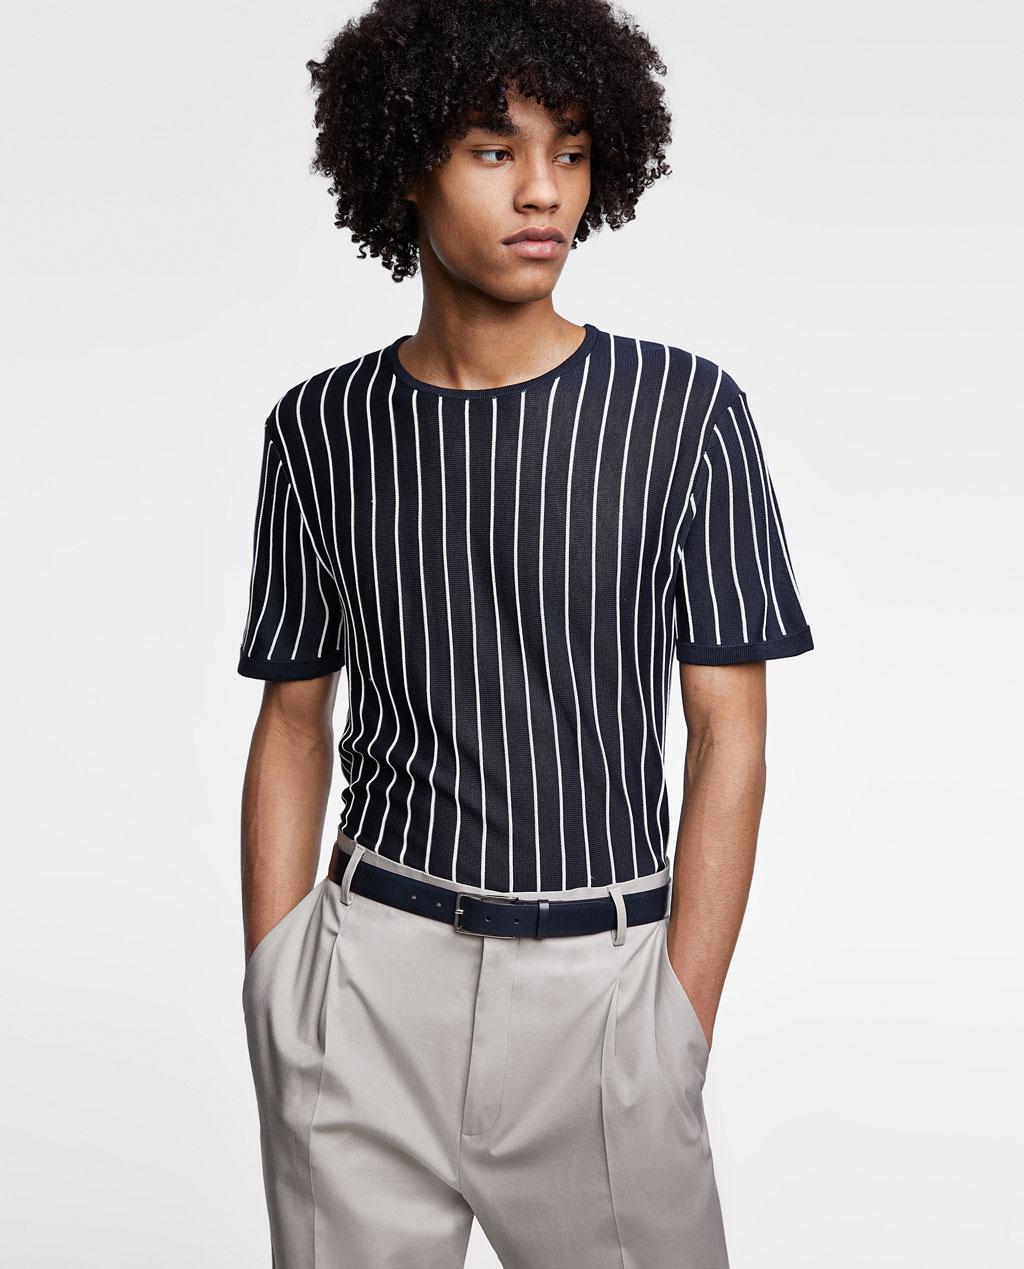 Thời trang nam Zara  24070 - ảnh 4